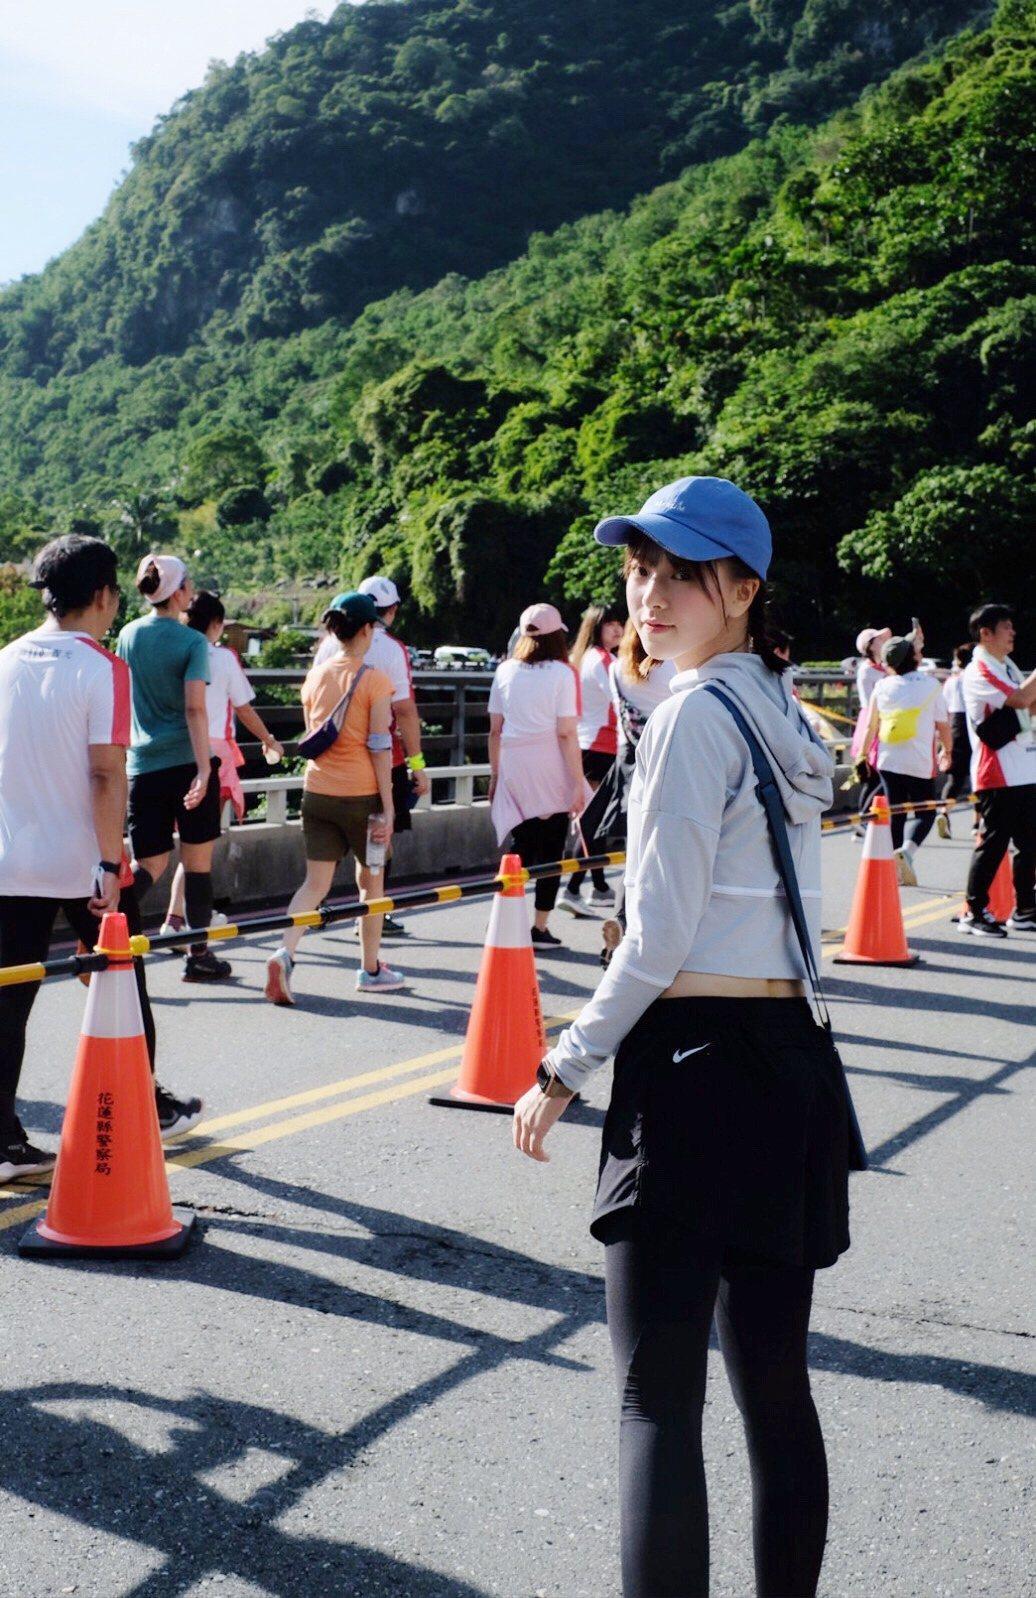 項婕如參加馬拉松比賽跑完12K。圖/群星瑞智提供